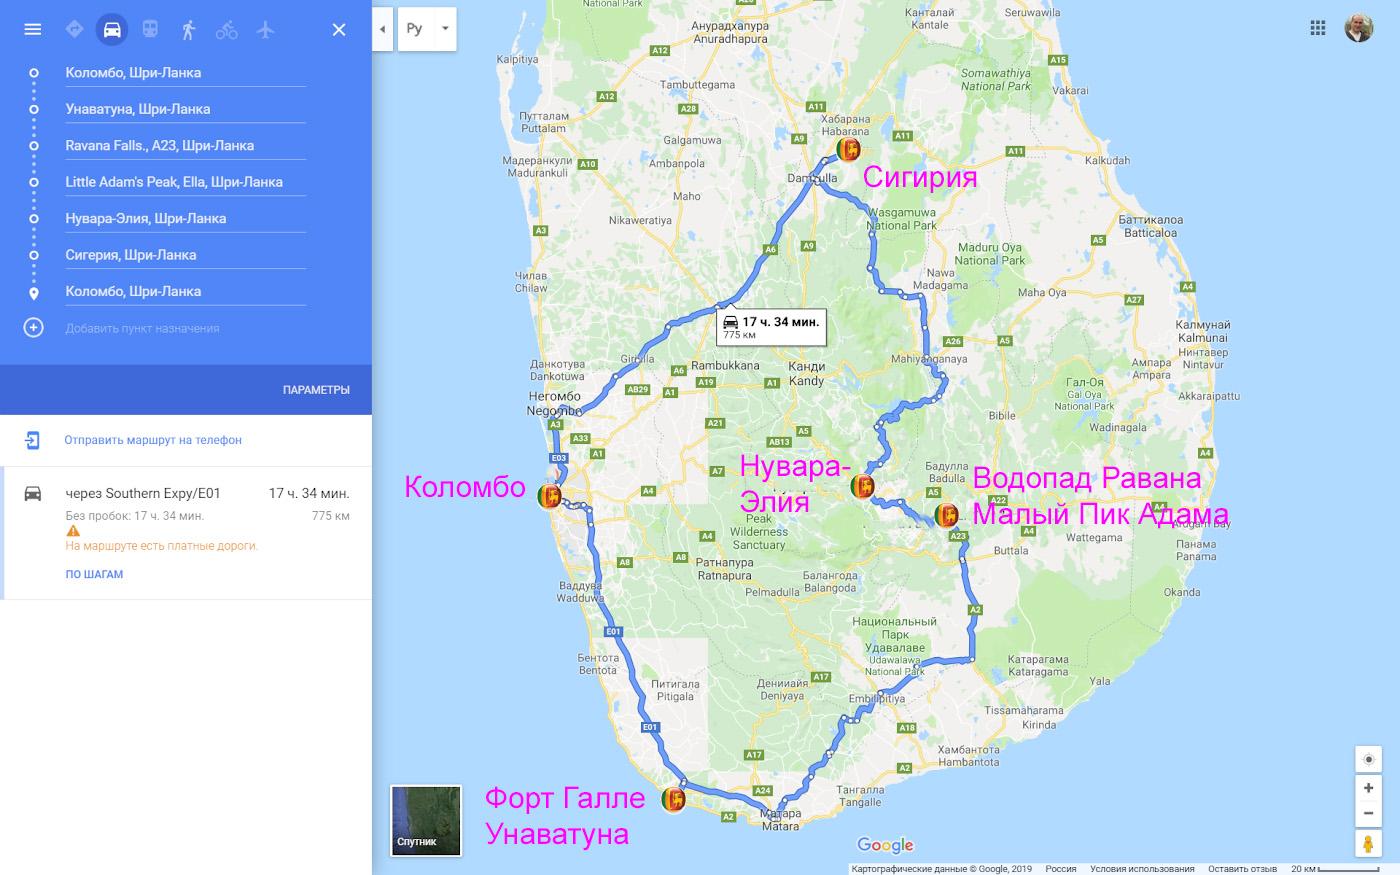 Карта со схемой расположения достопримечательностей Шри-Ланки, которые мы посетили на отдыхе.